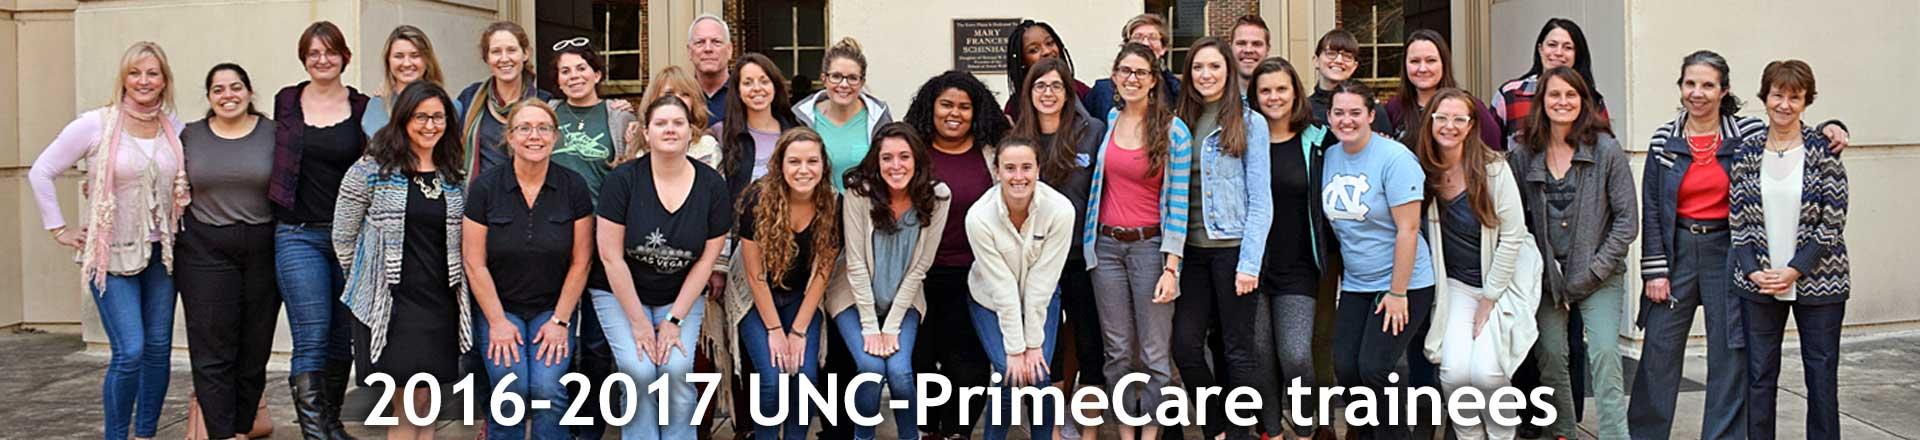 2016-2017 UNC-PrimeCare trainees